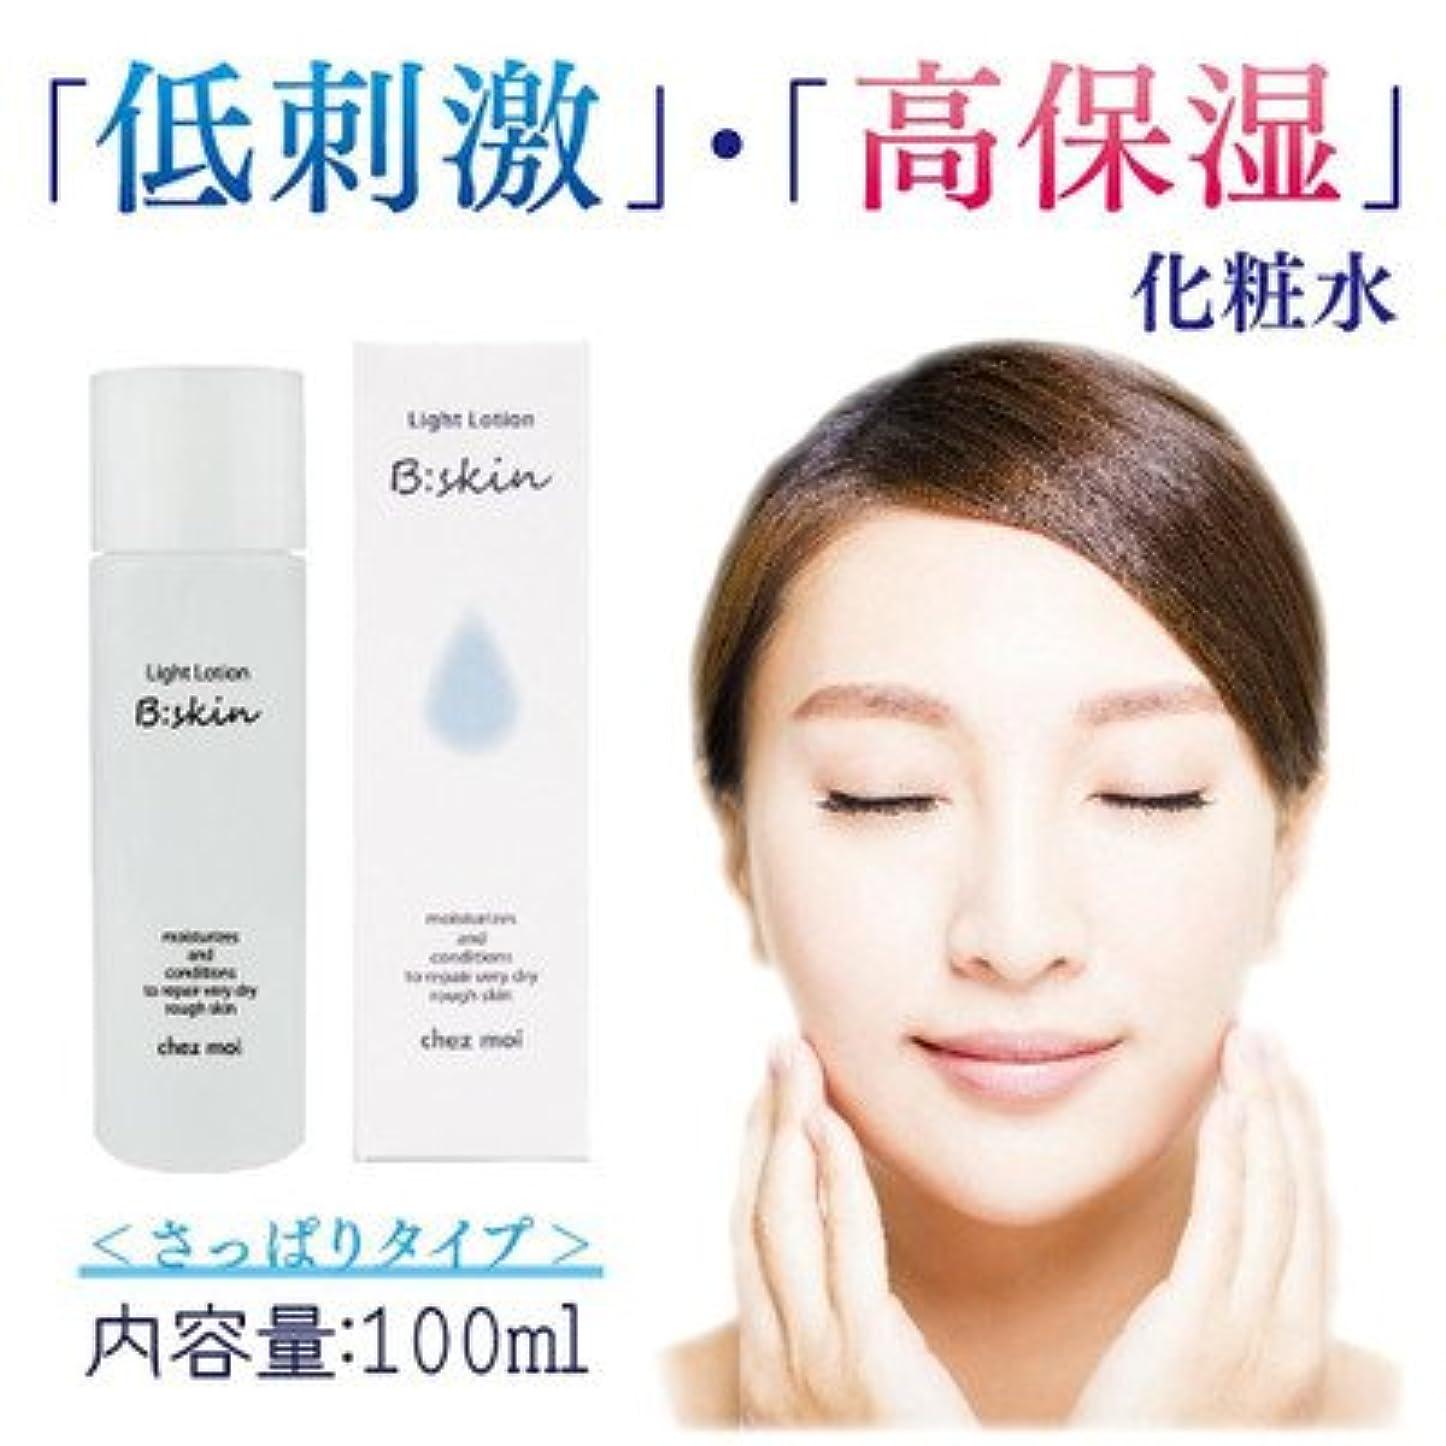 余分な今まで走る低刺激 高保湿 さっぱりタイプの化粧水 B:skin ビースキン Light Lotion ライトローション さっぱりタイプ 化粧水 100mL